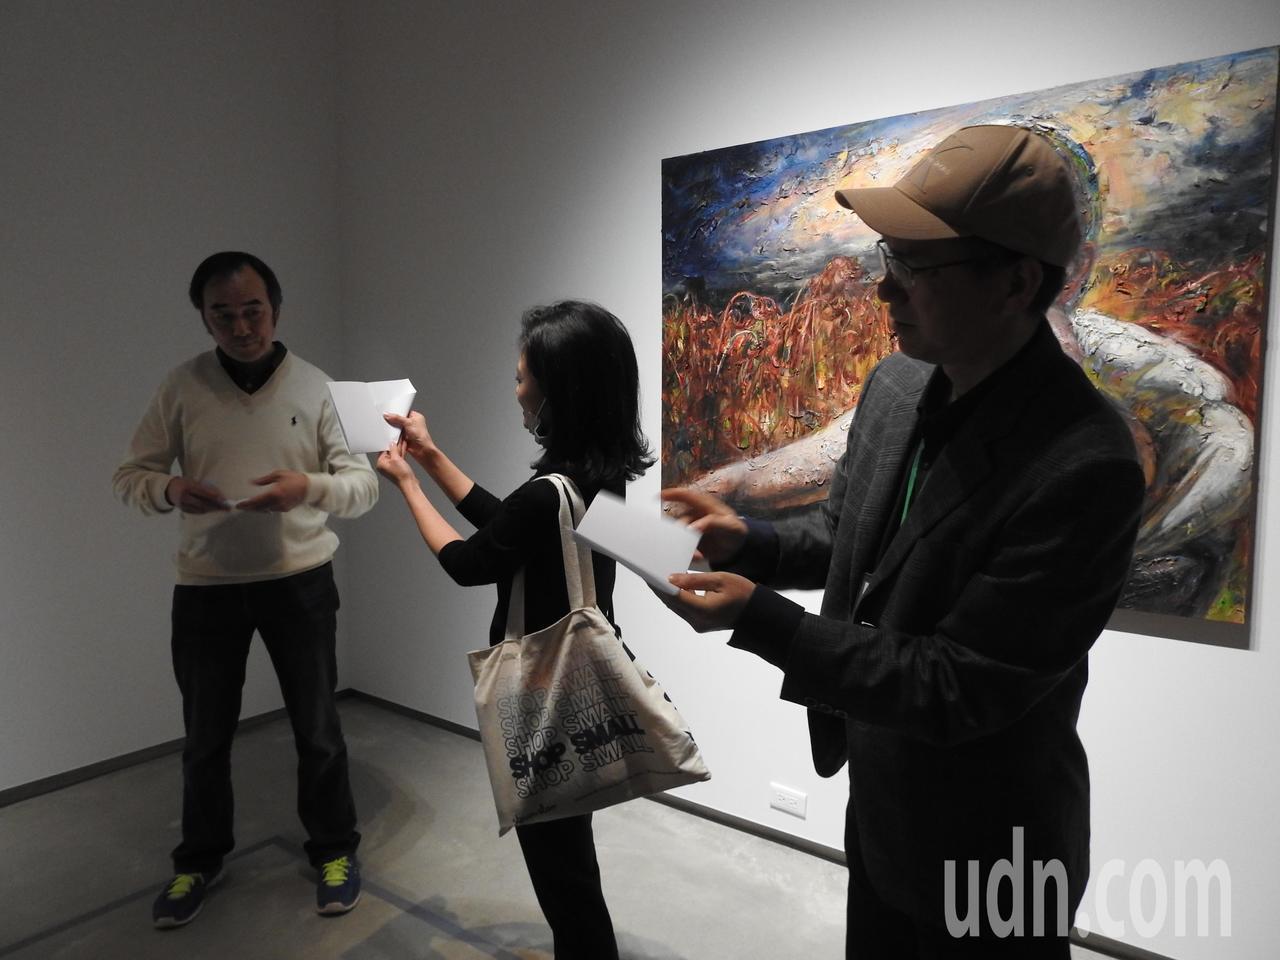 王勝個展頻繁見船,毓繡美術館因此規劃活動,邀民眾動手摺紙船且寫上夢想。記者賴香珊...